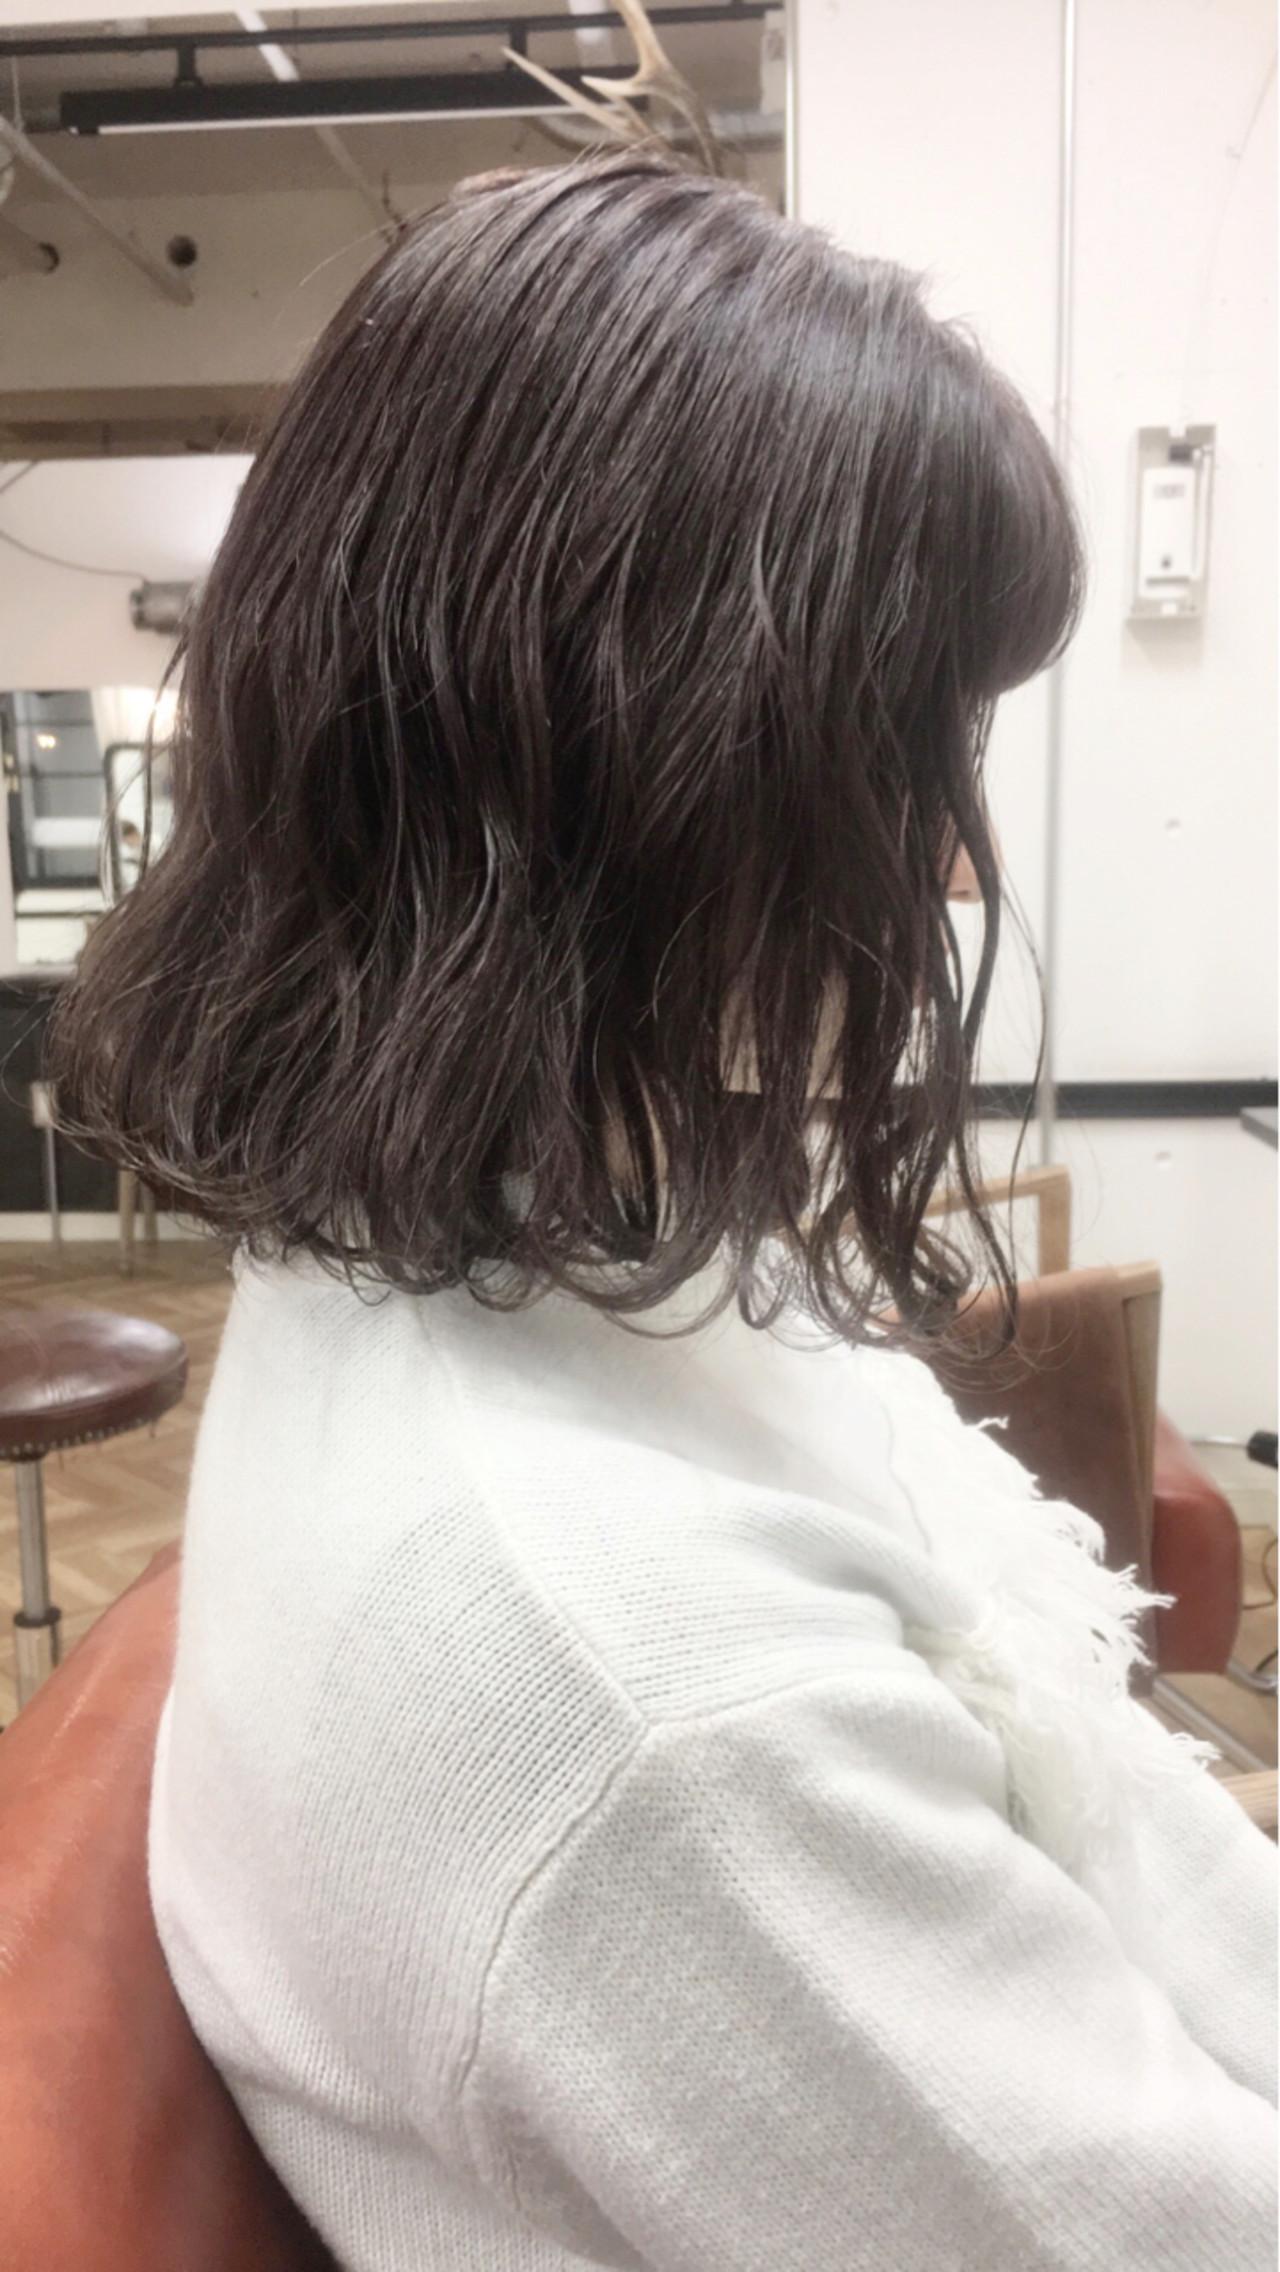 ゆるふわ 冬 ボブ 大人かわいいヘアスタイルや髪型の写真・画像